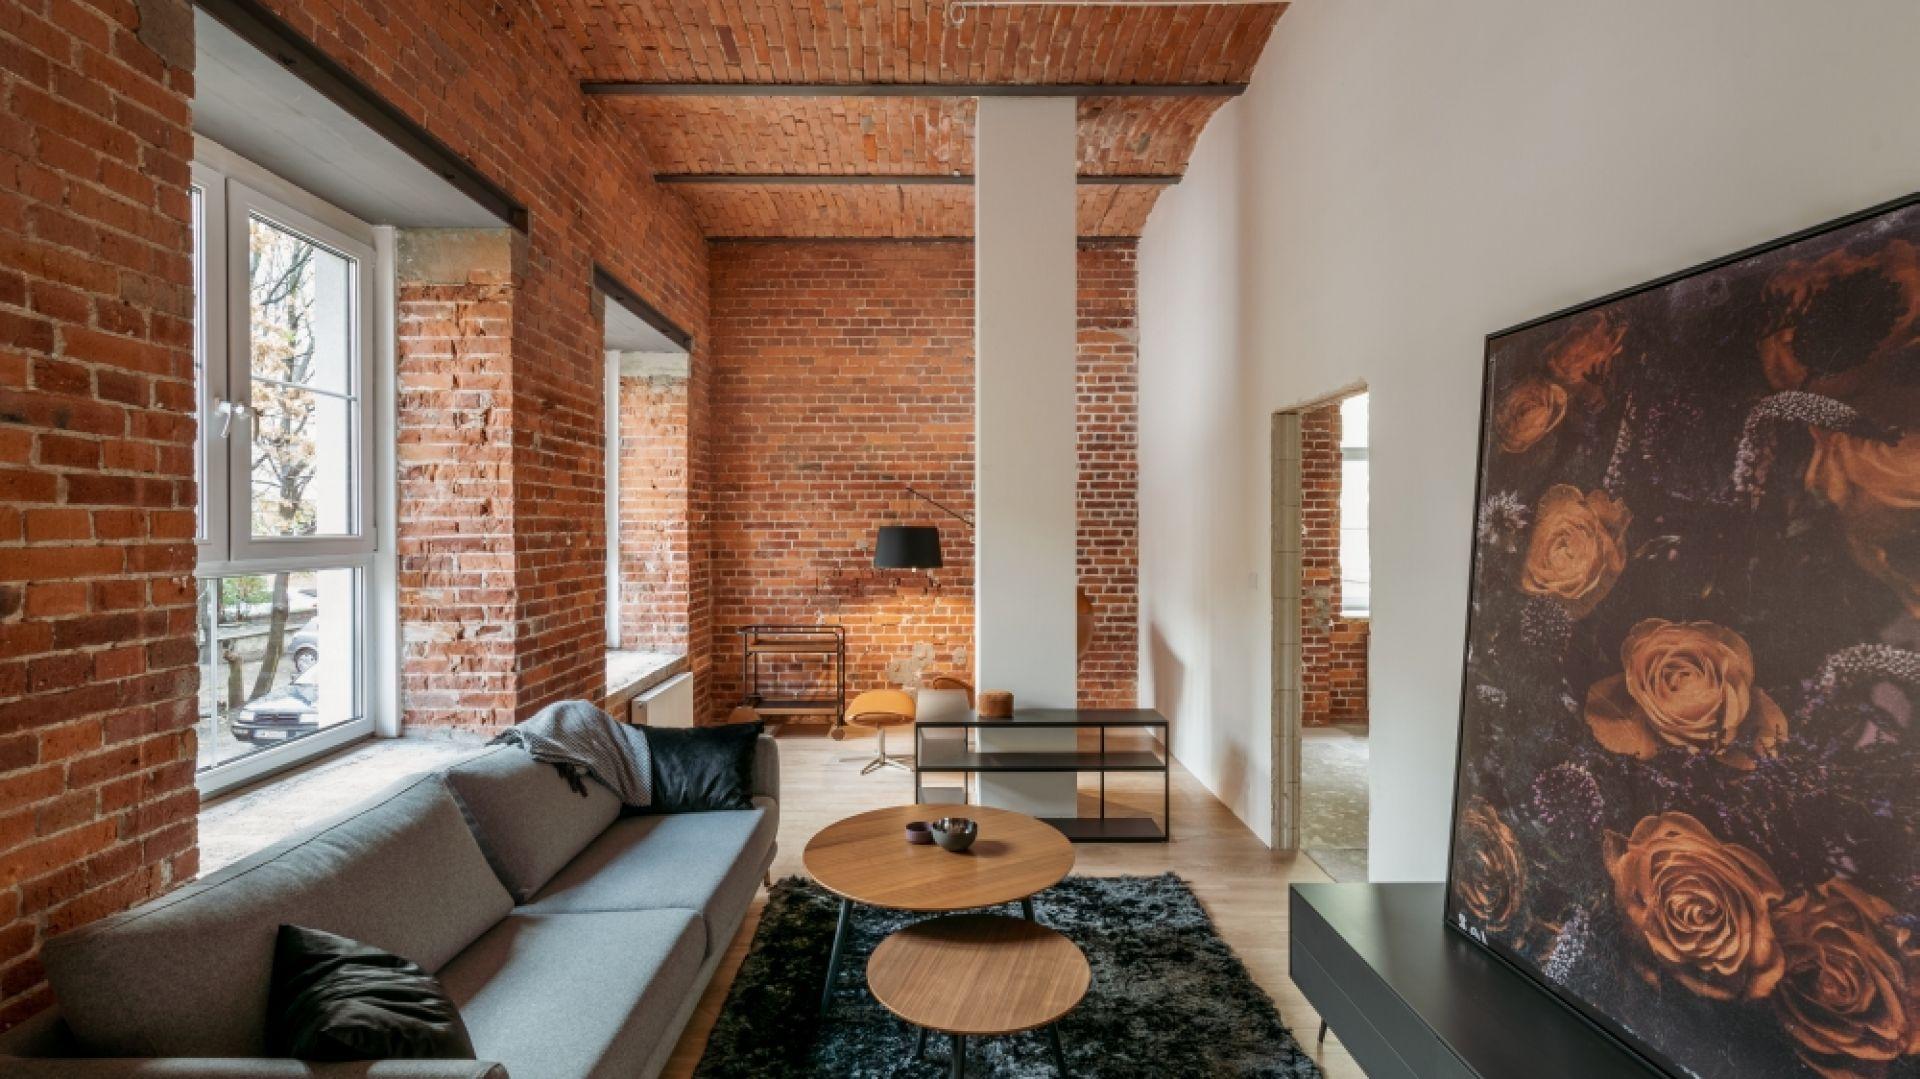 Mieszkania w zrewitalizowanych pofabrycznych budynkach są alternatywą dla przestronnych i wysokich mieszkań w kamienicach. Fot. Nowa Papiernia